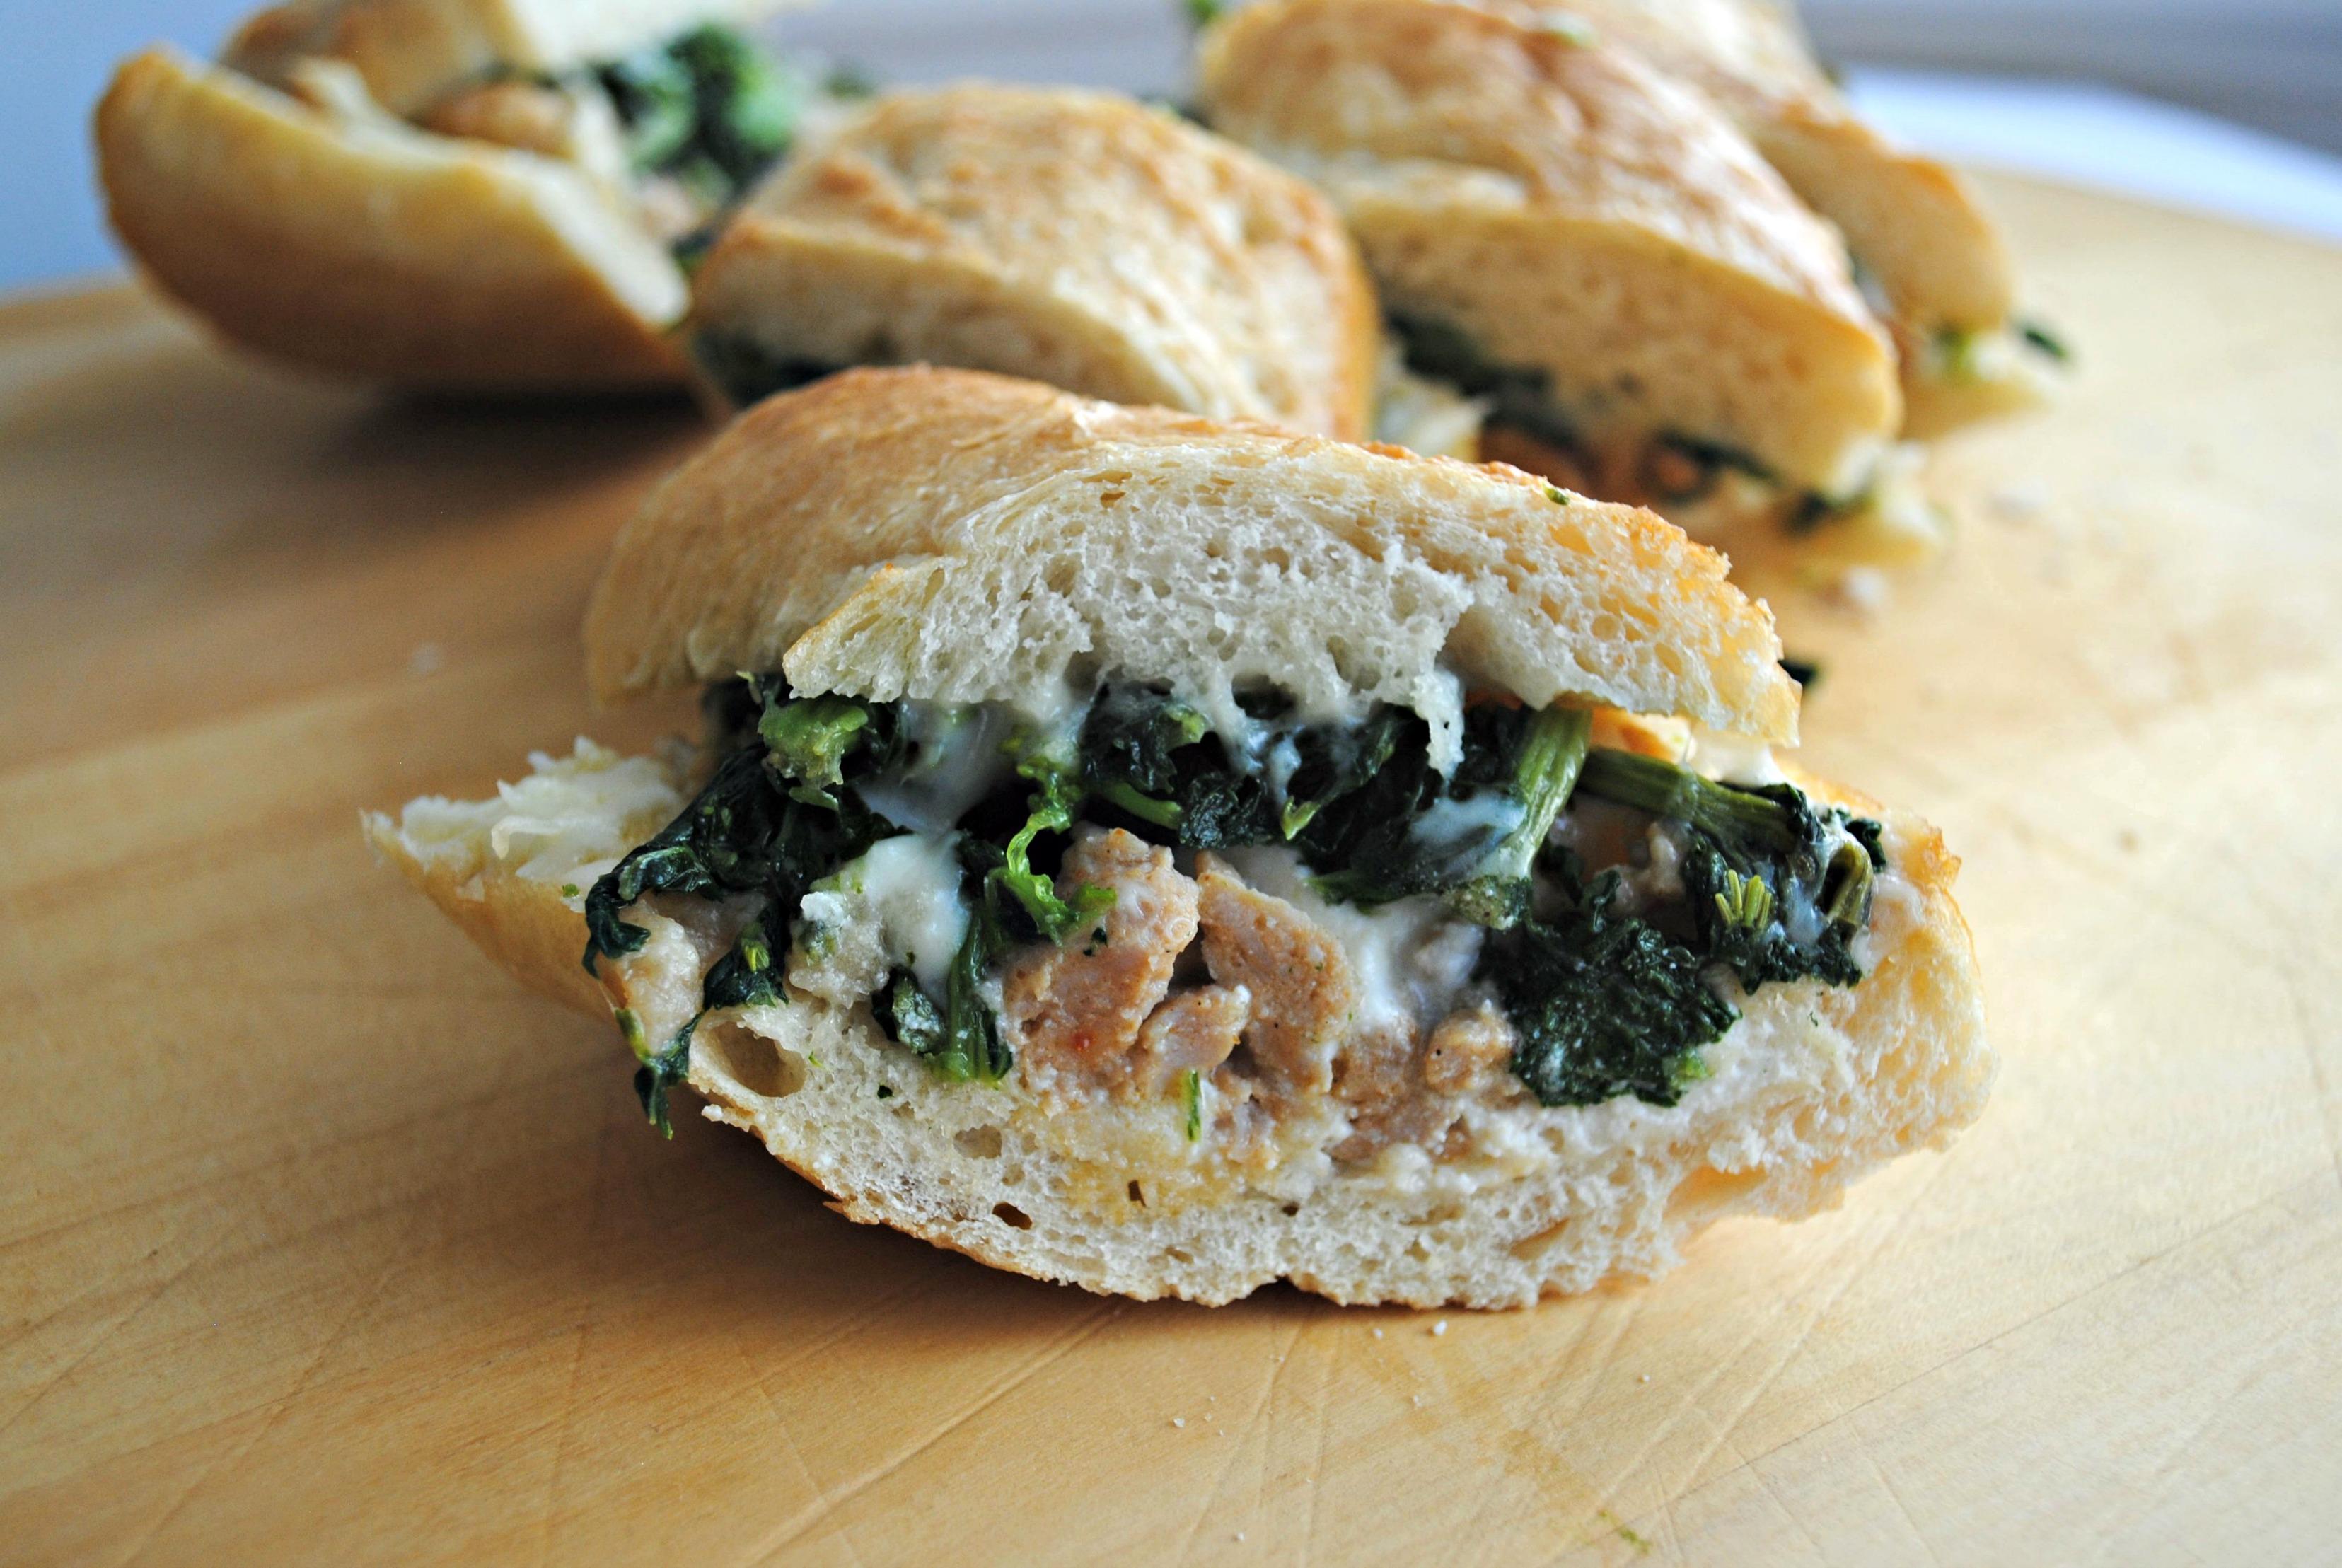 Broccoli Rabe and Sausage Bites